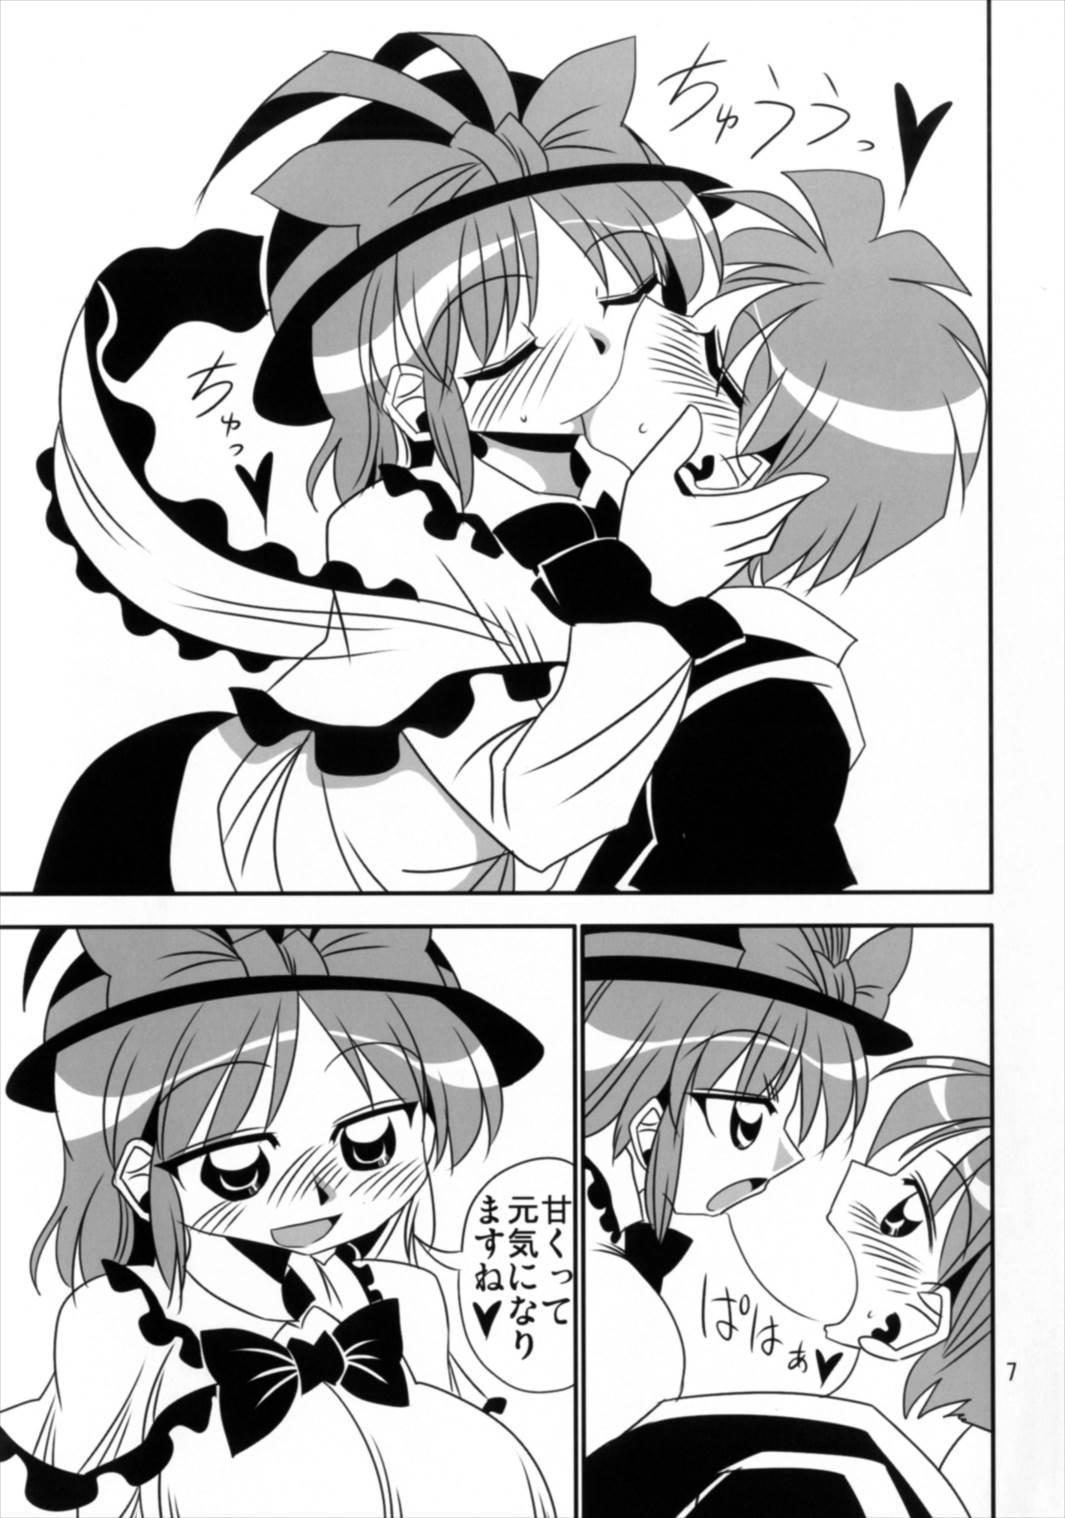 Iku-san no Yawaraka Suimitsutou 6